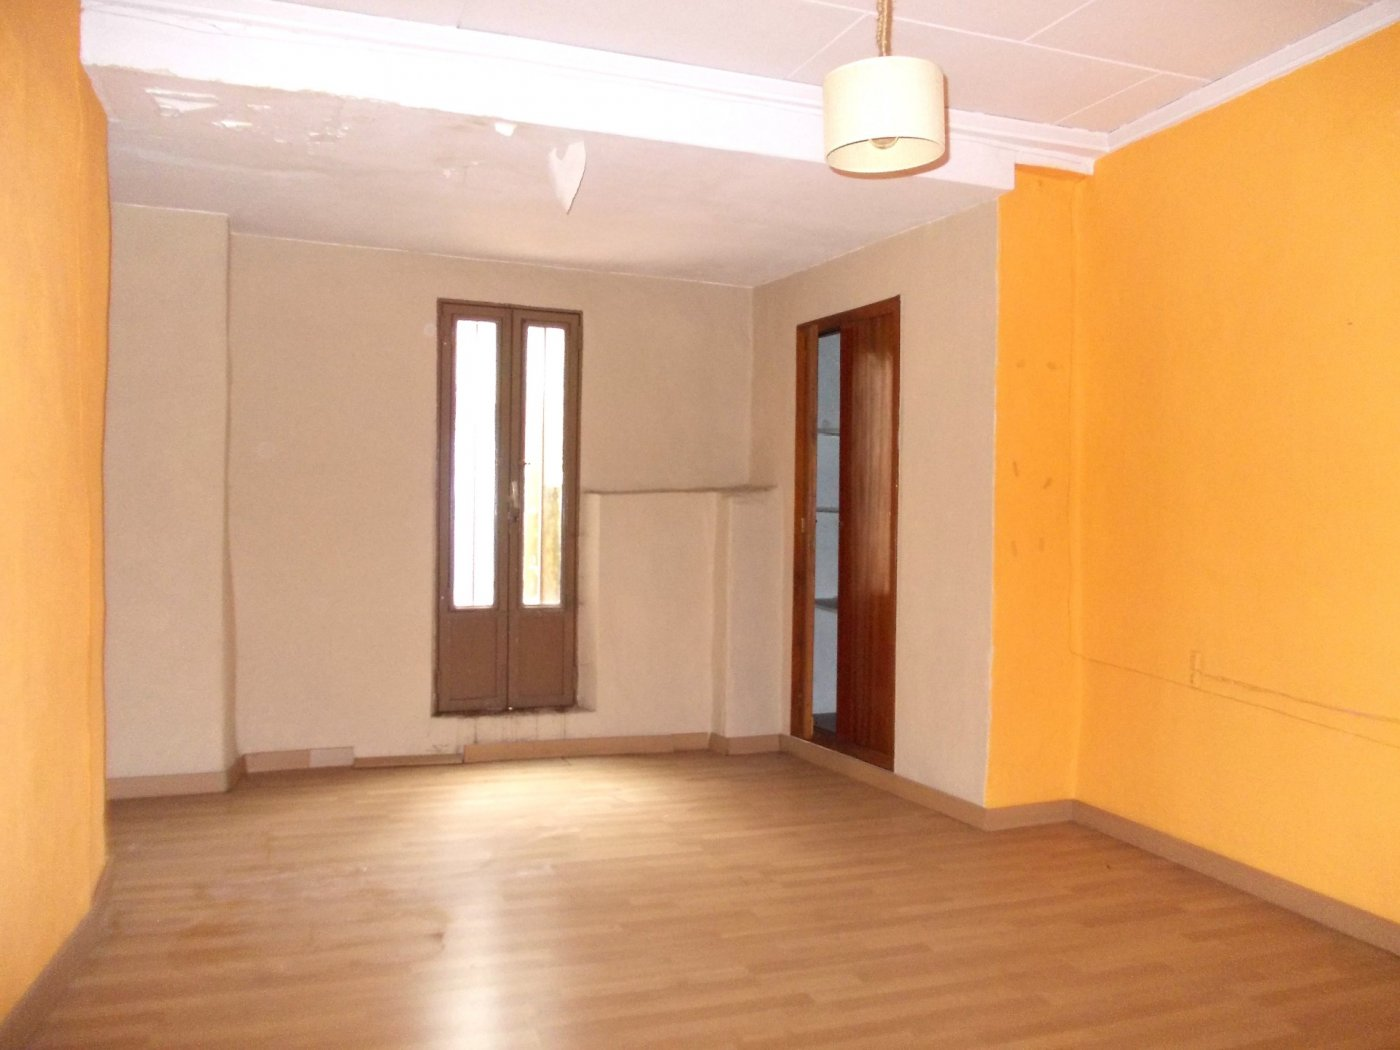 Casa en bellreguard - imagenInmueble2